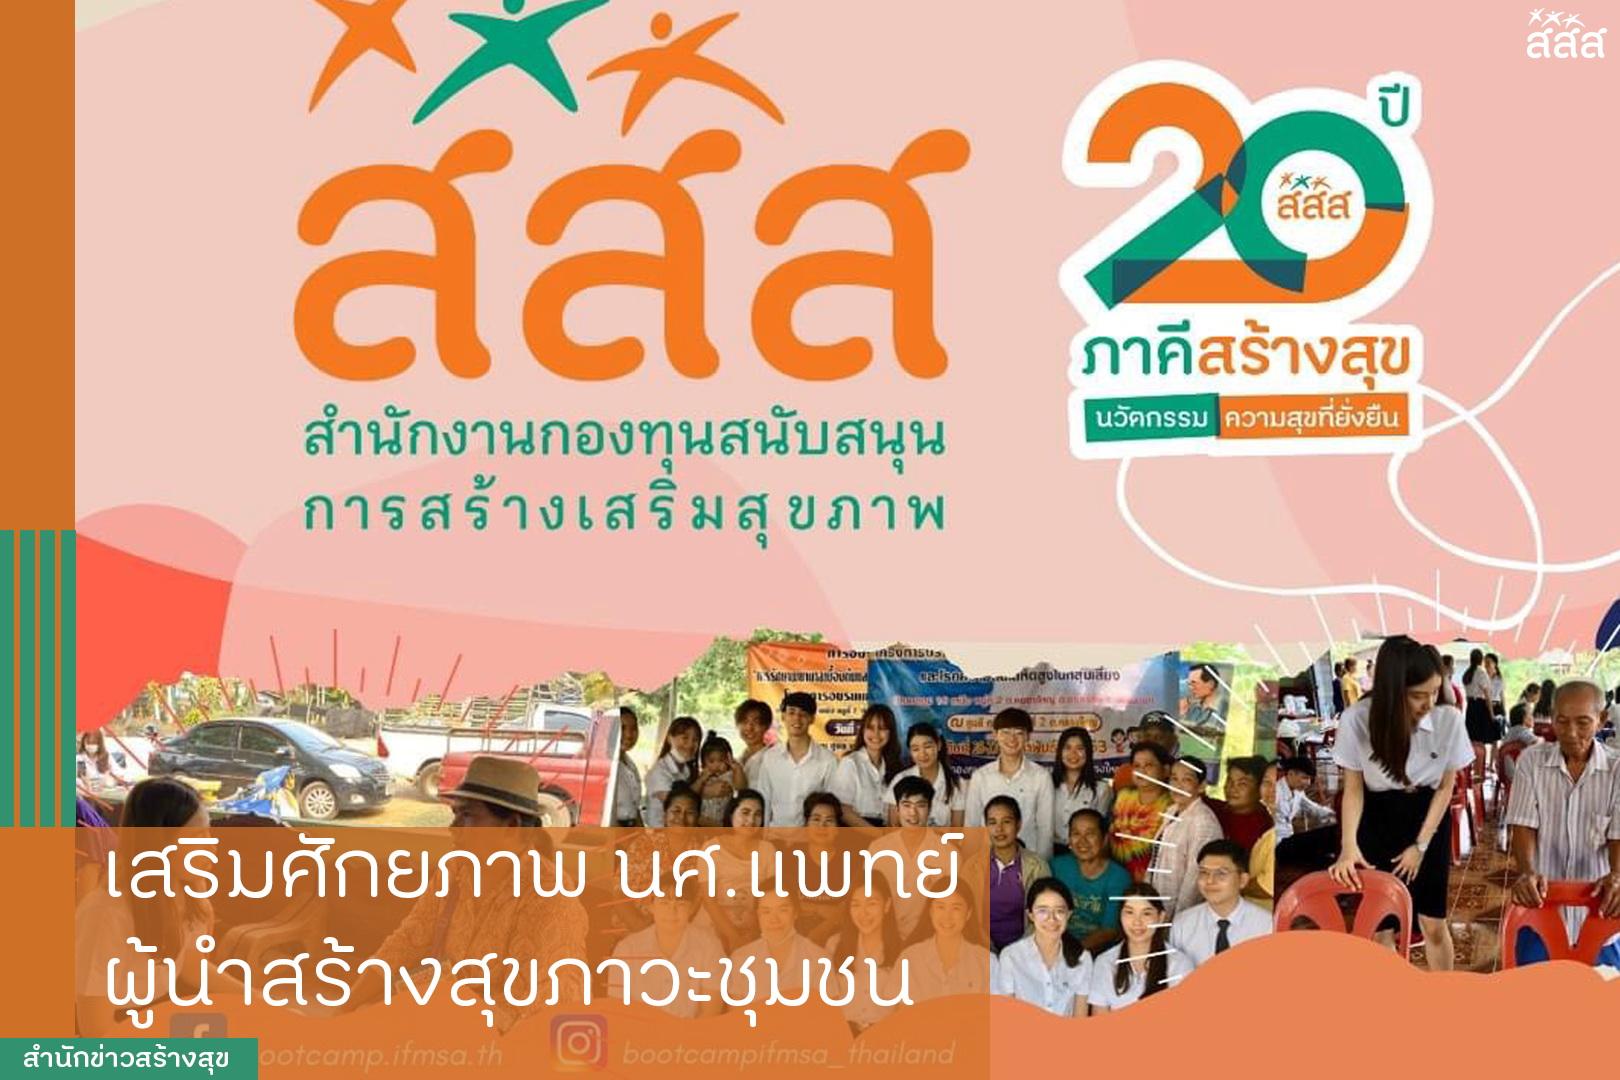 เสริมศักยภาพ นศ.แพทย์ ผู้นำสร้างสุขภาวะชุมชน thaihealth